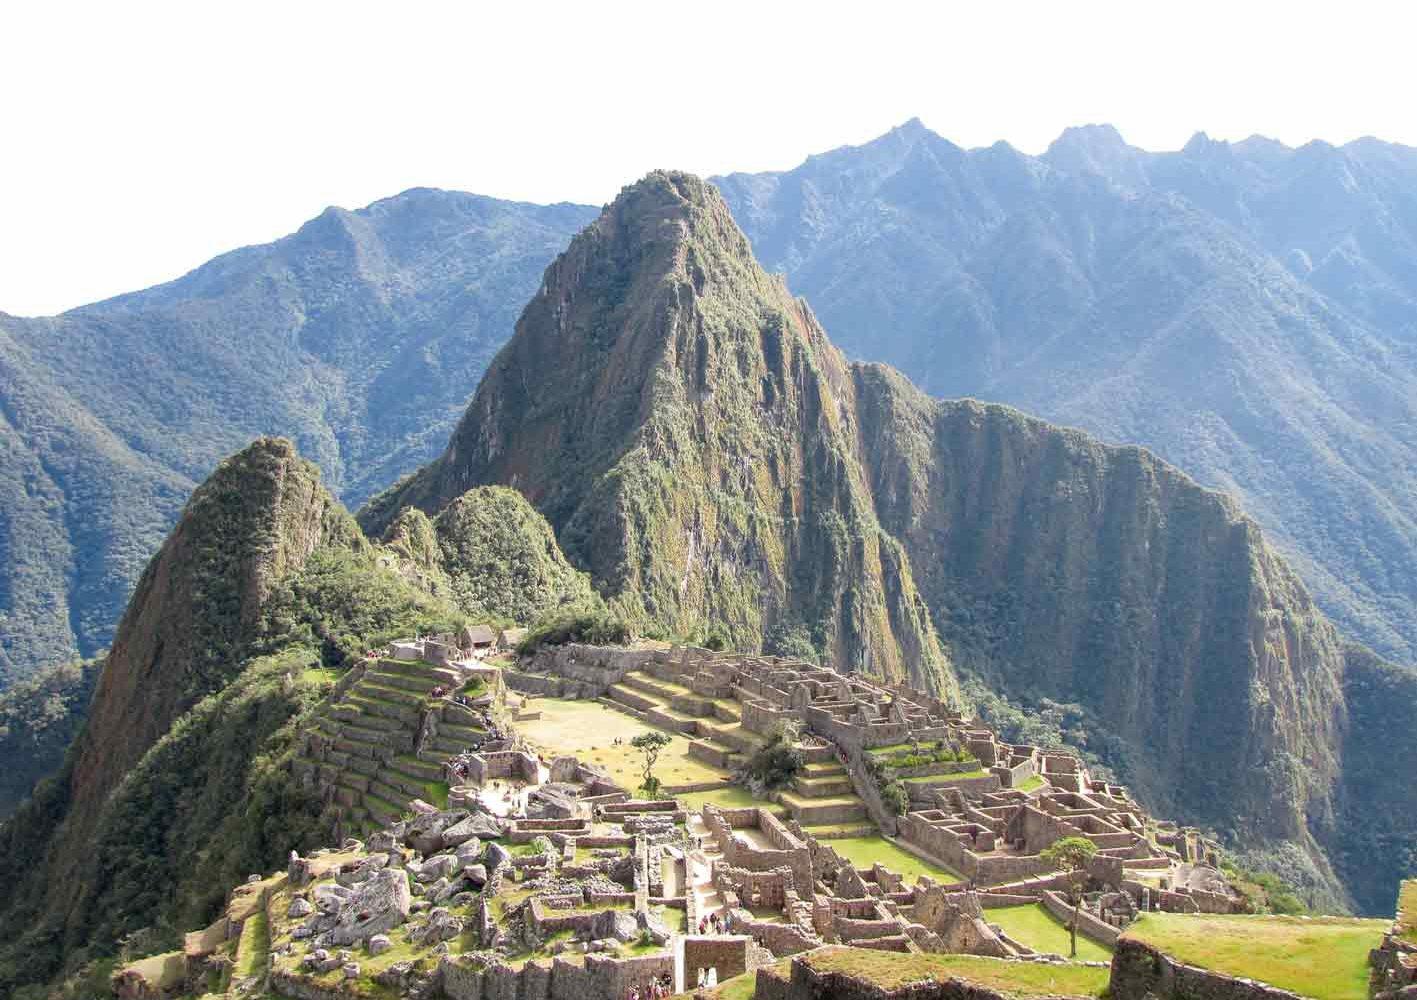 Berühmtes Machu Picchu, Peru